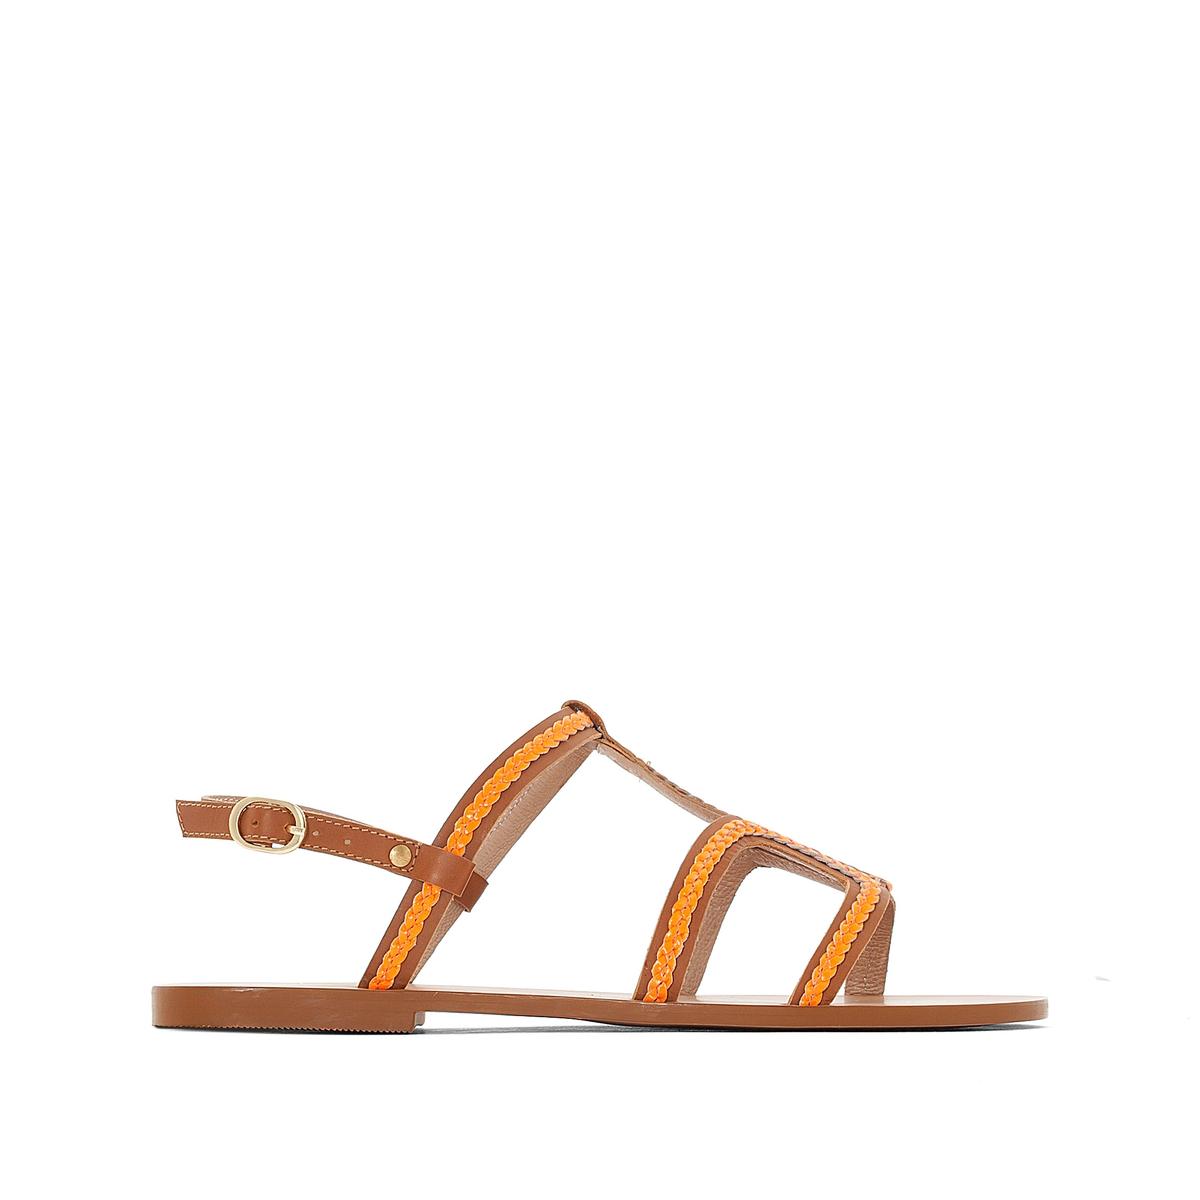 Босоножки кожаные с плетеными ремешками на плоском каблуке